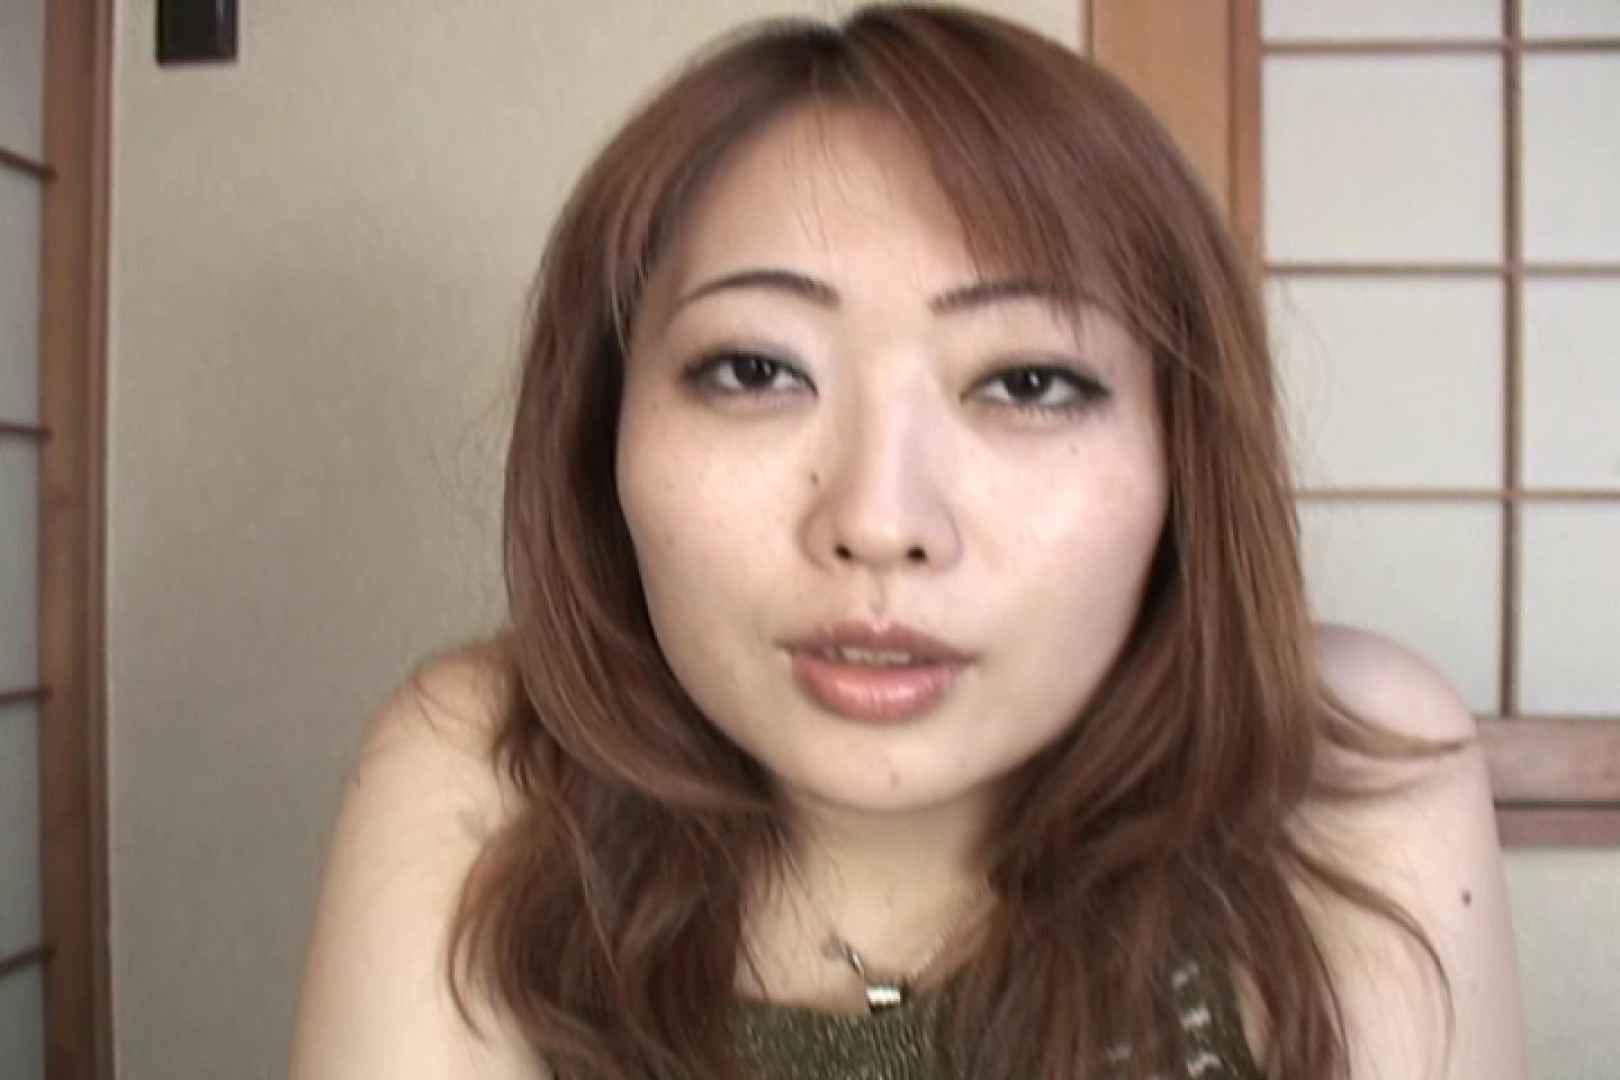 仕事で月200本のチンポを相手する22歳若人妻~桜井あい~ 人妻のエッチ | 熟女のエッチ  108pic 97